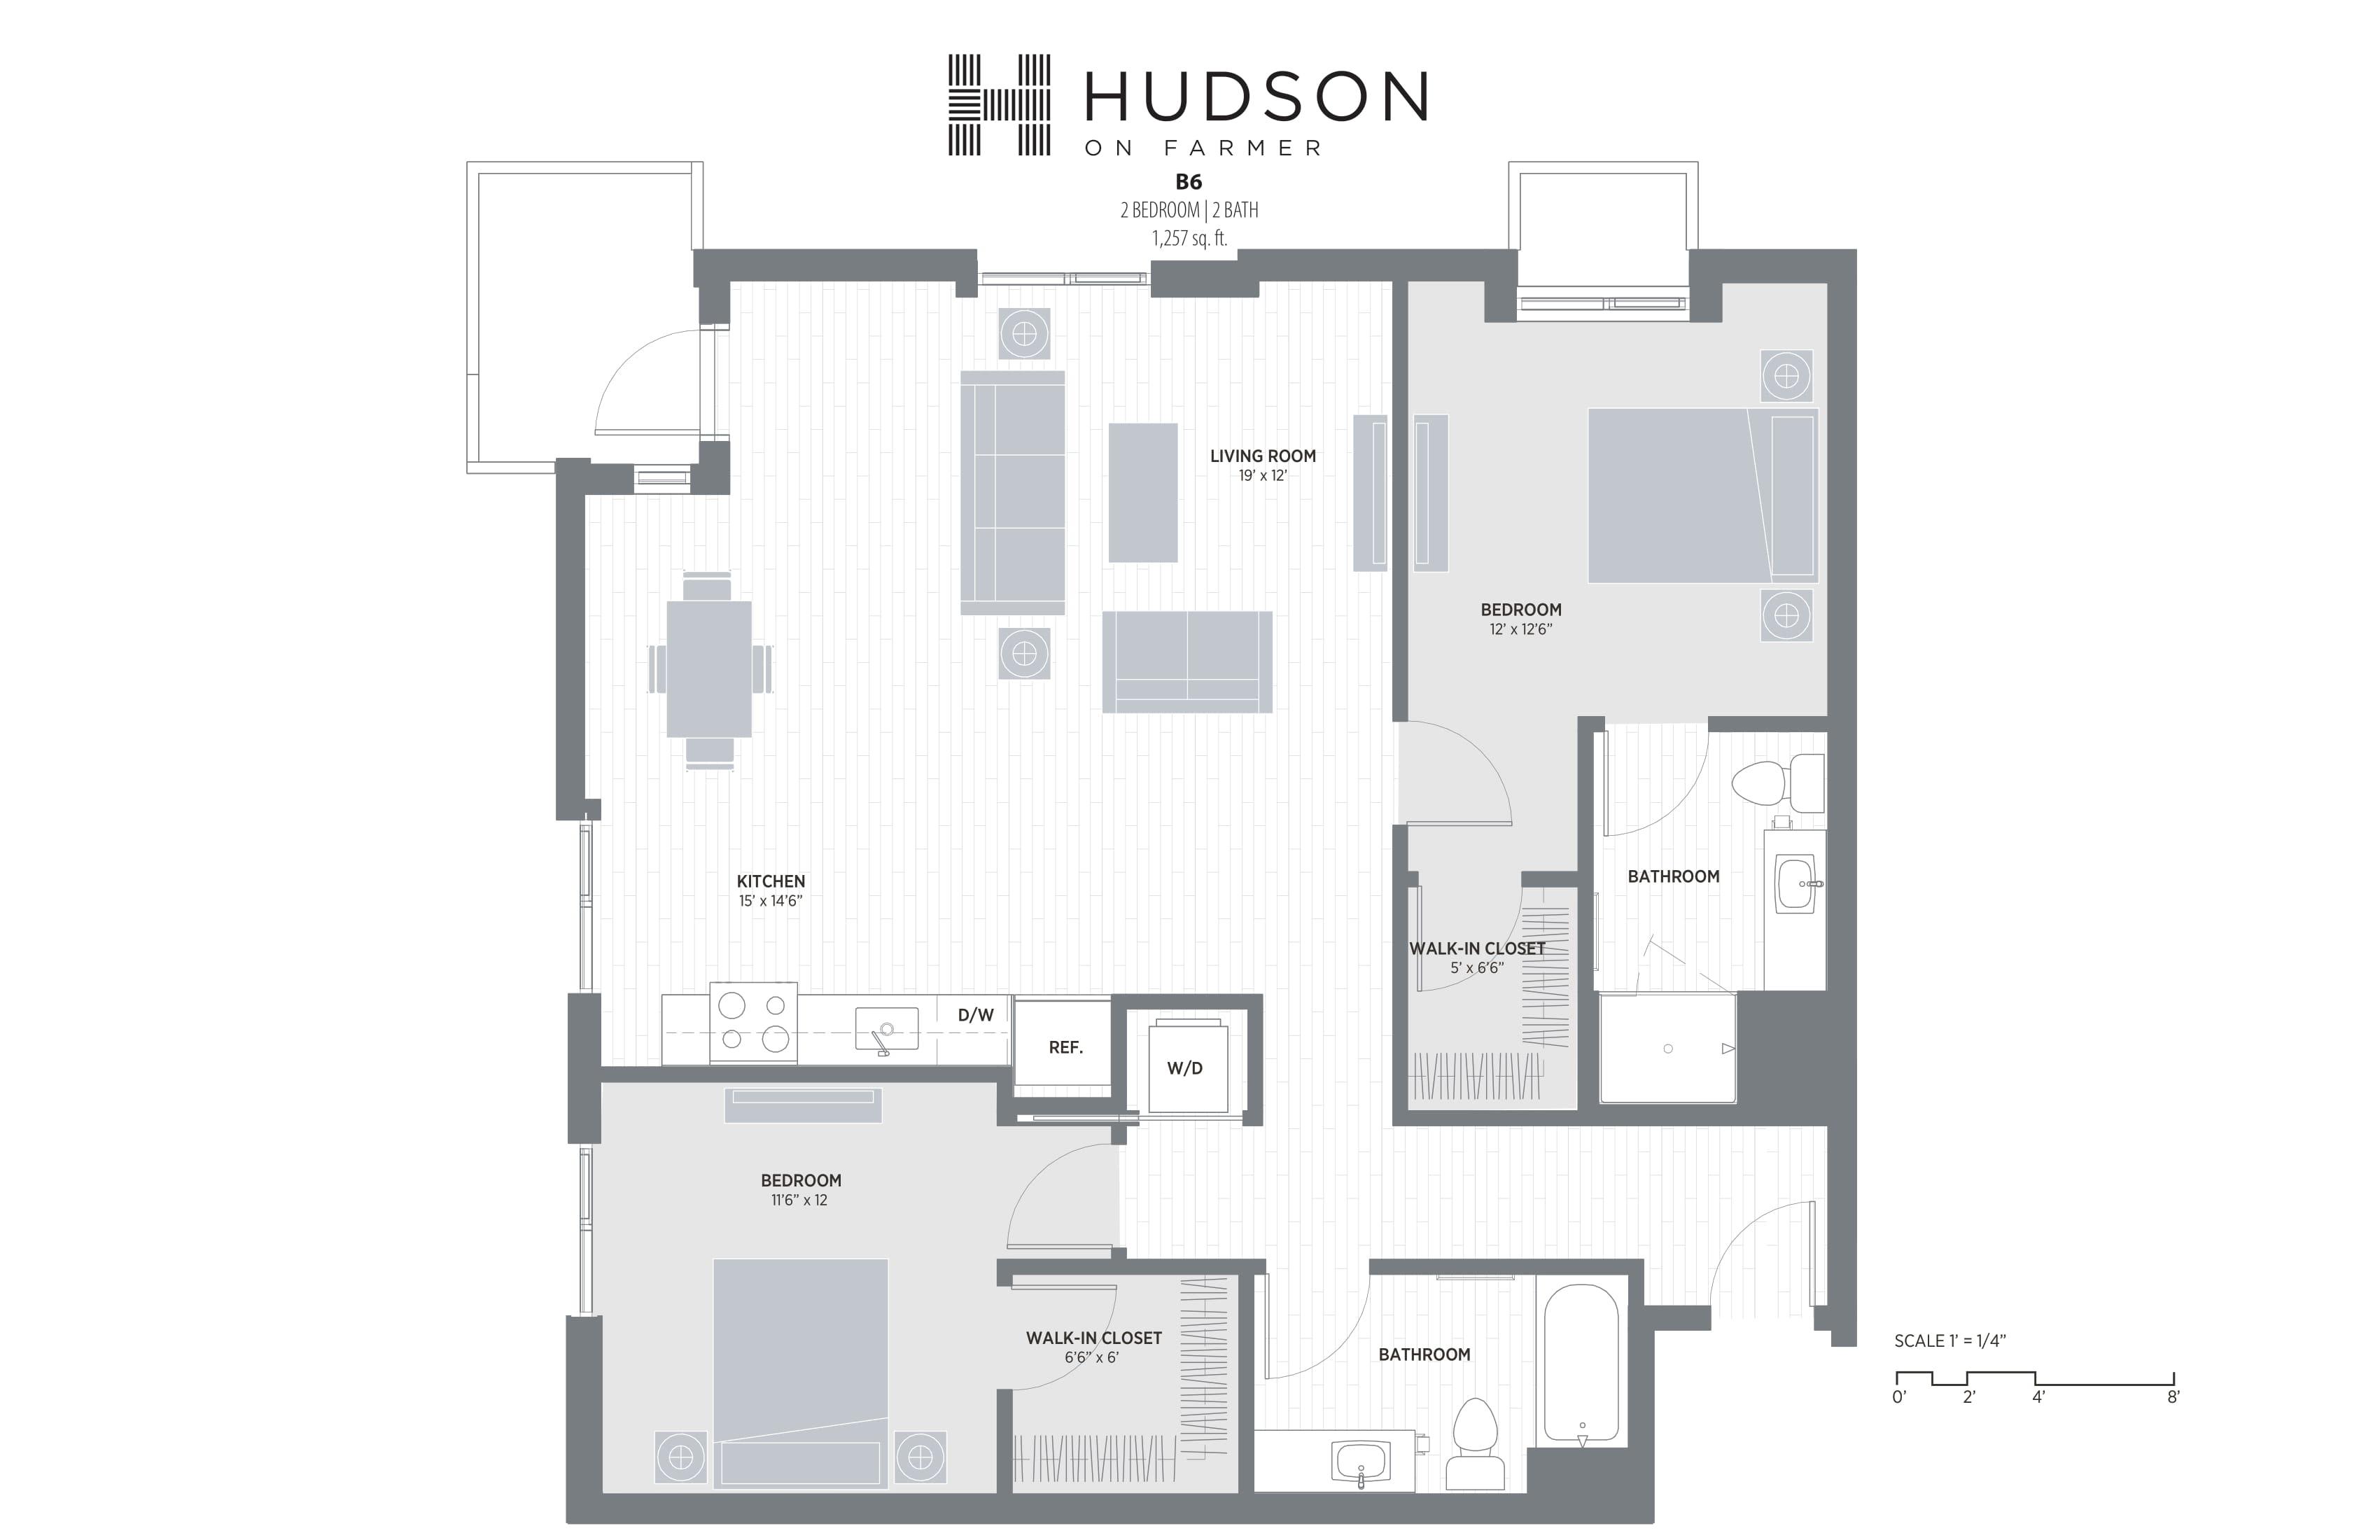 B5.c floor plan